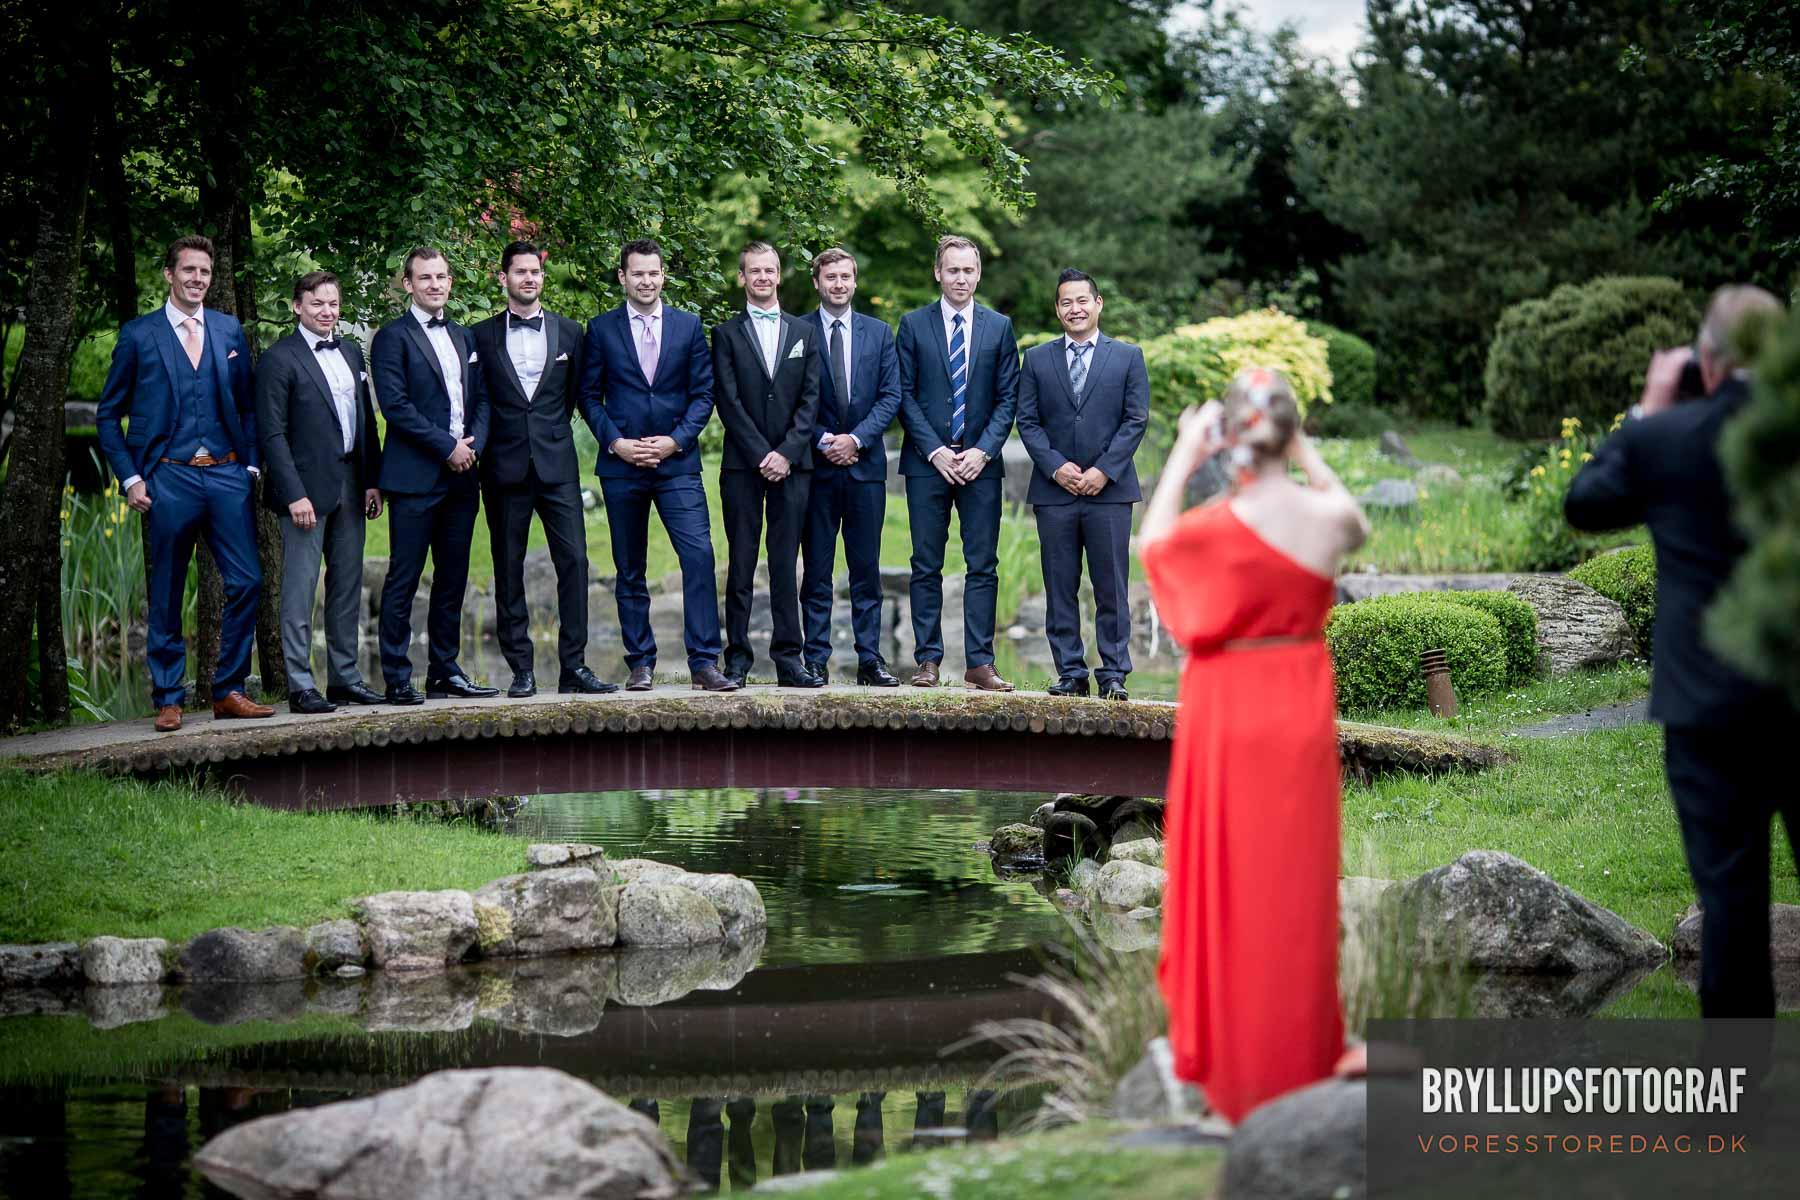 Professionel bryllupsfotograf fra Vejle